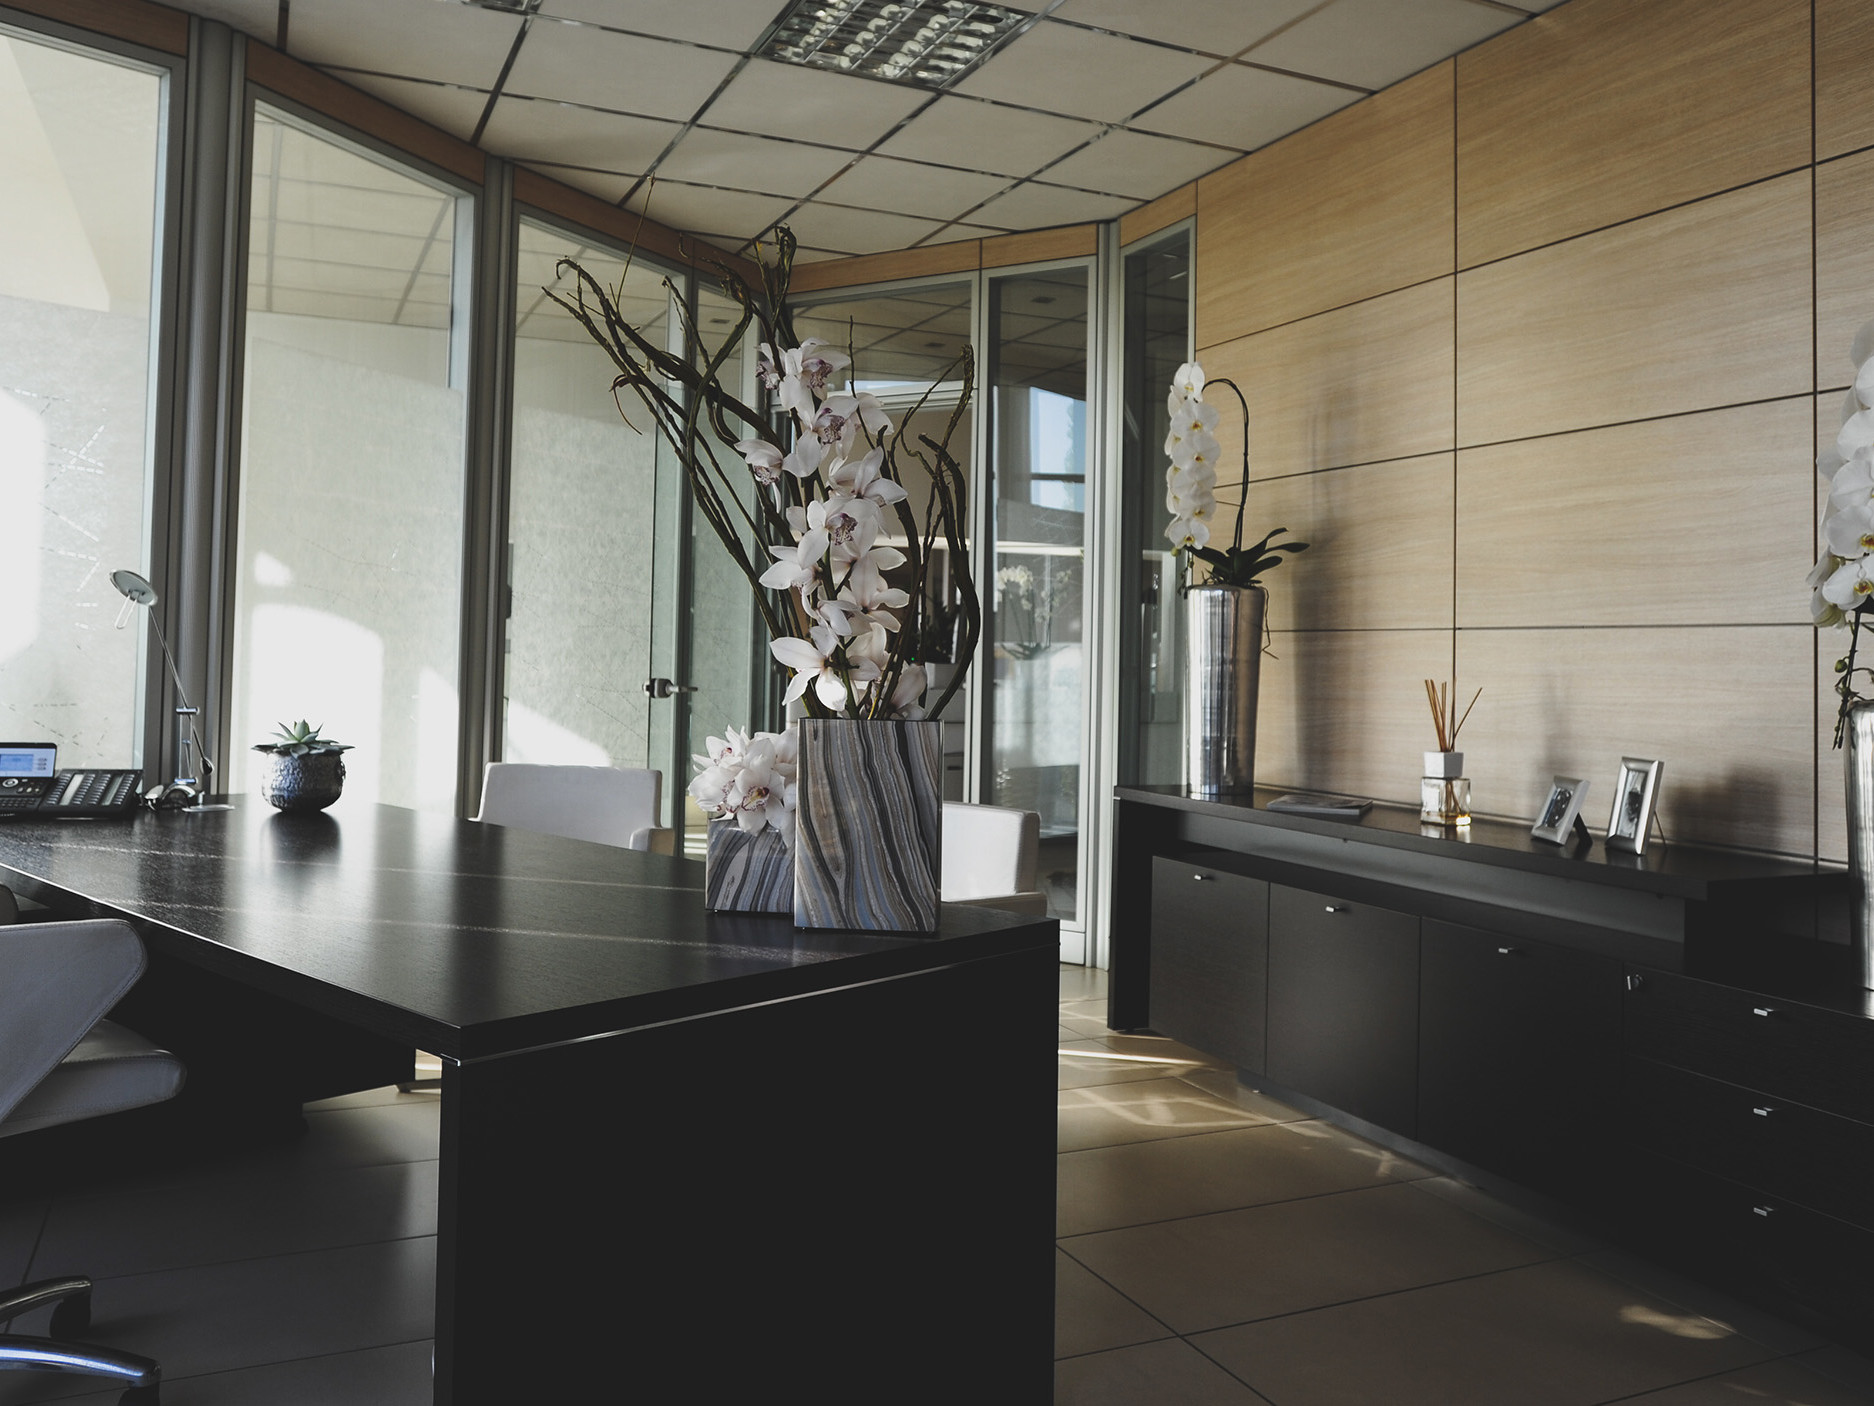 12 - ASG SPA OFFICE - UFFICIO ASG SPA